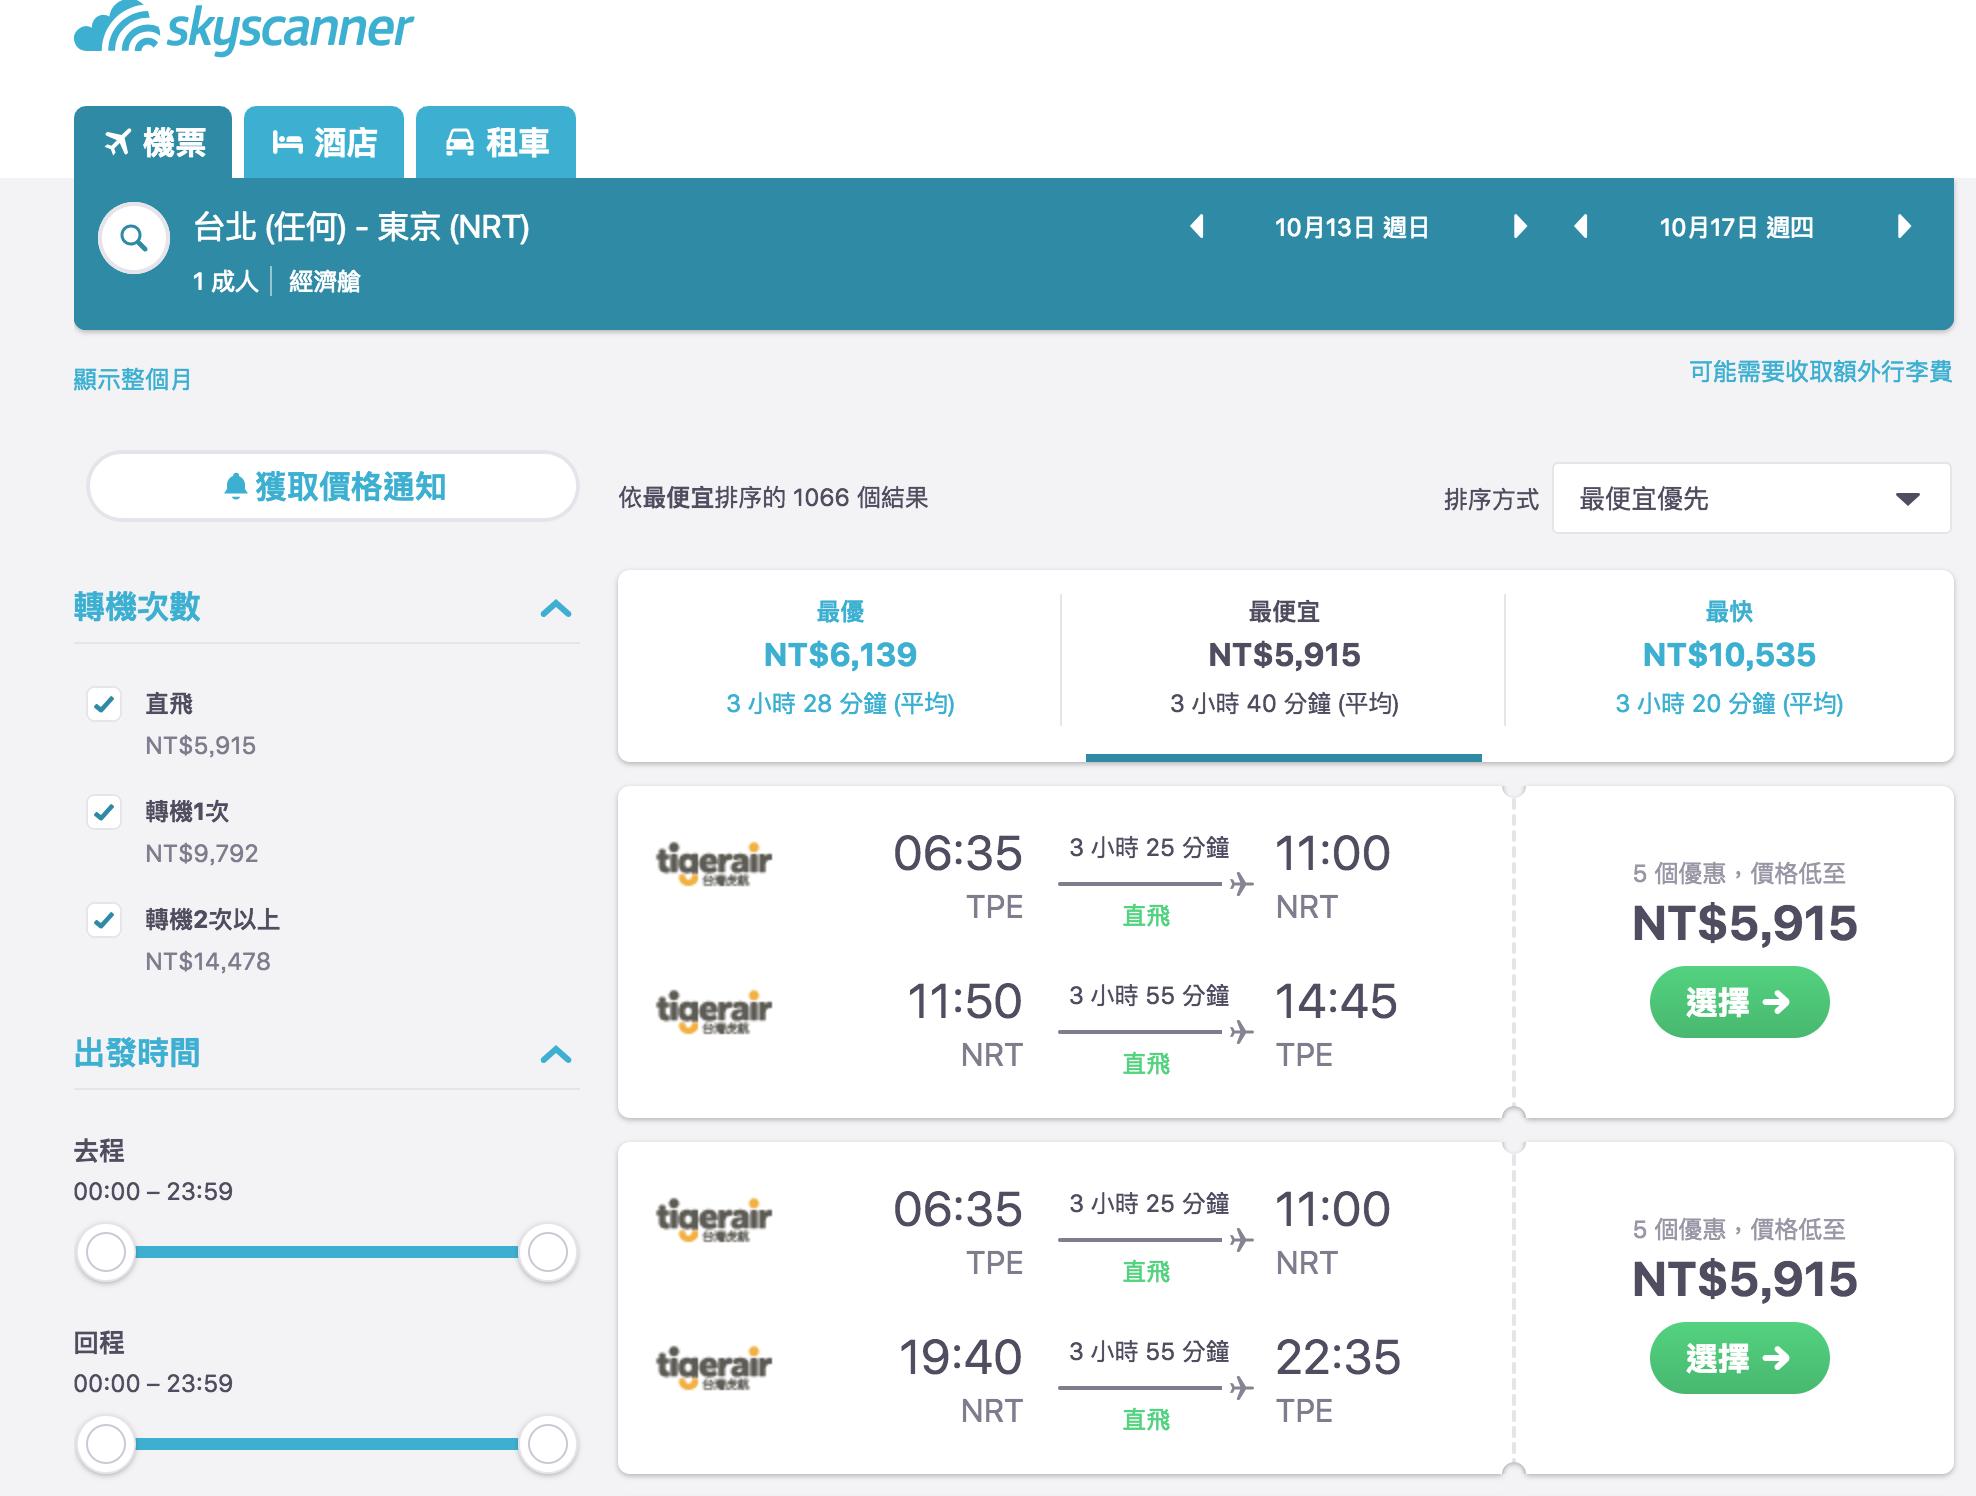 日本/歐洲特價航班這麼多,機票到底應該怎麼買?三大原則請把握唷~